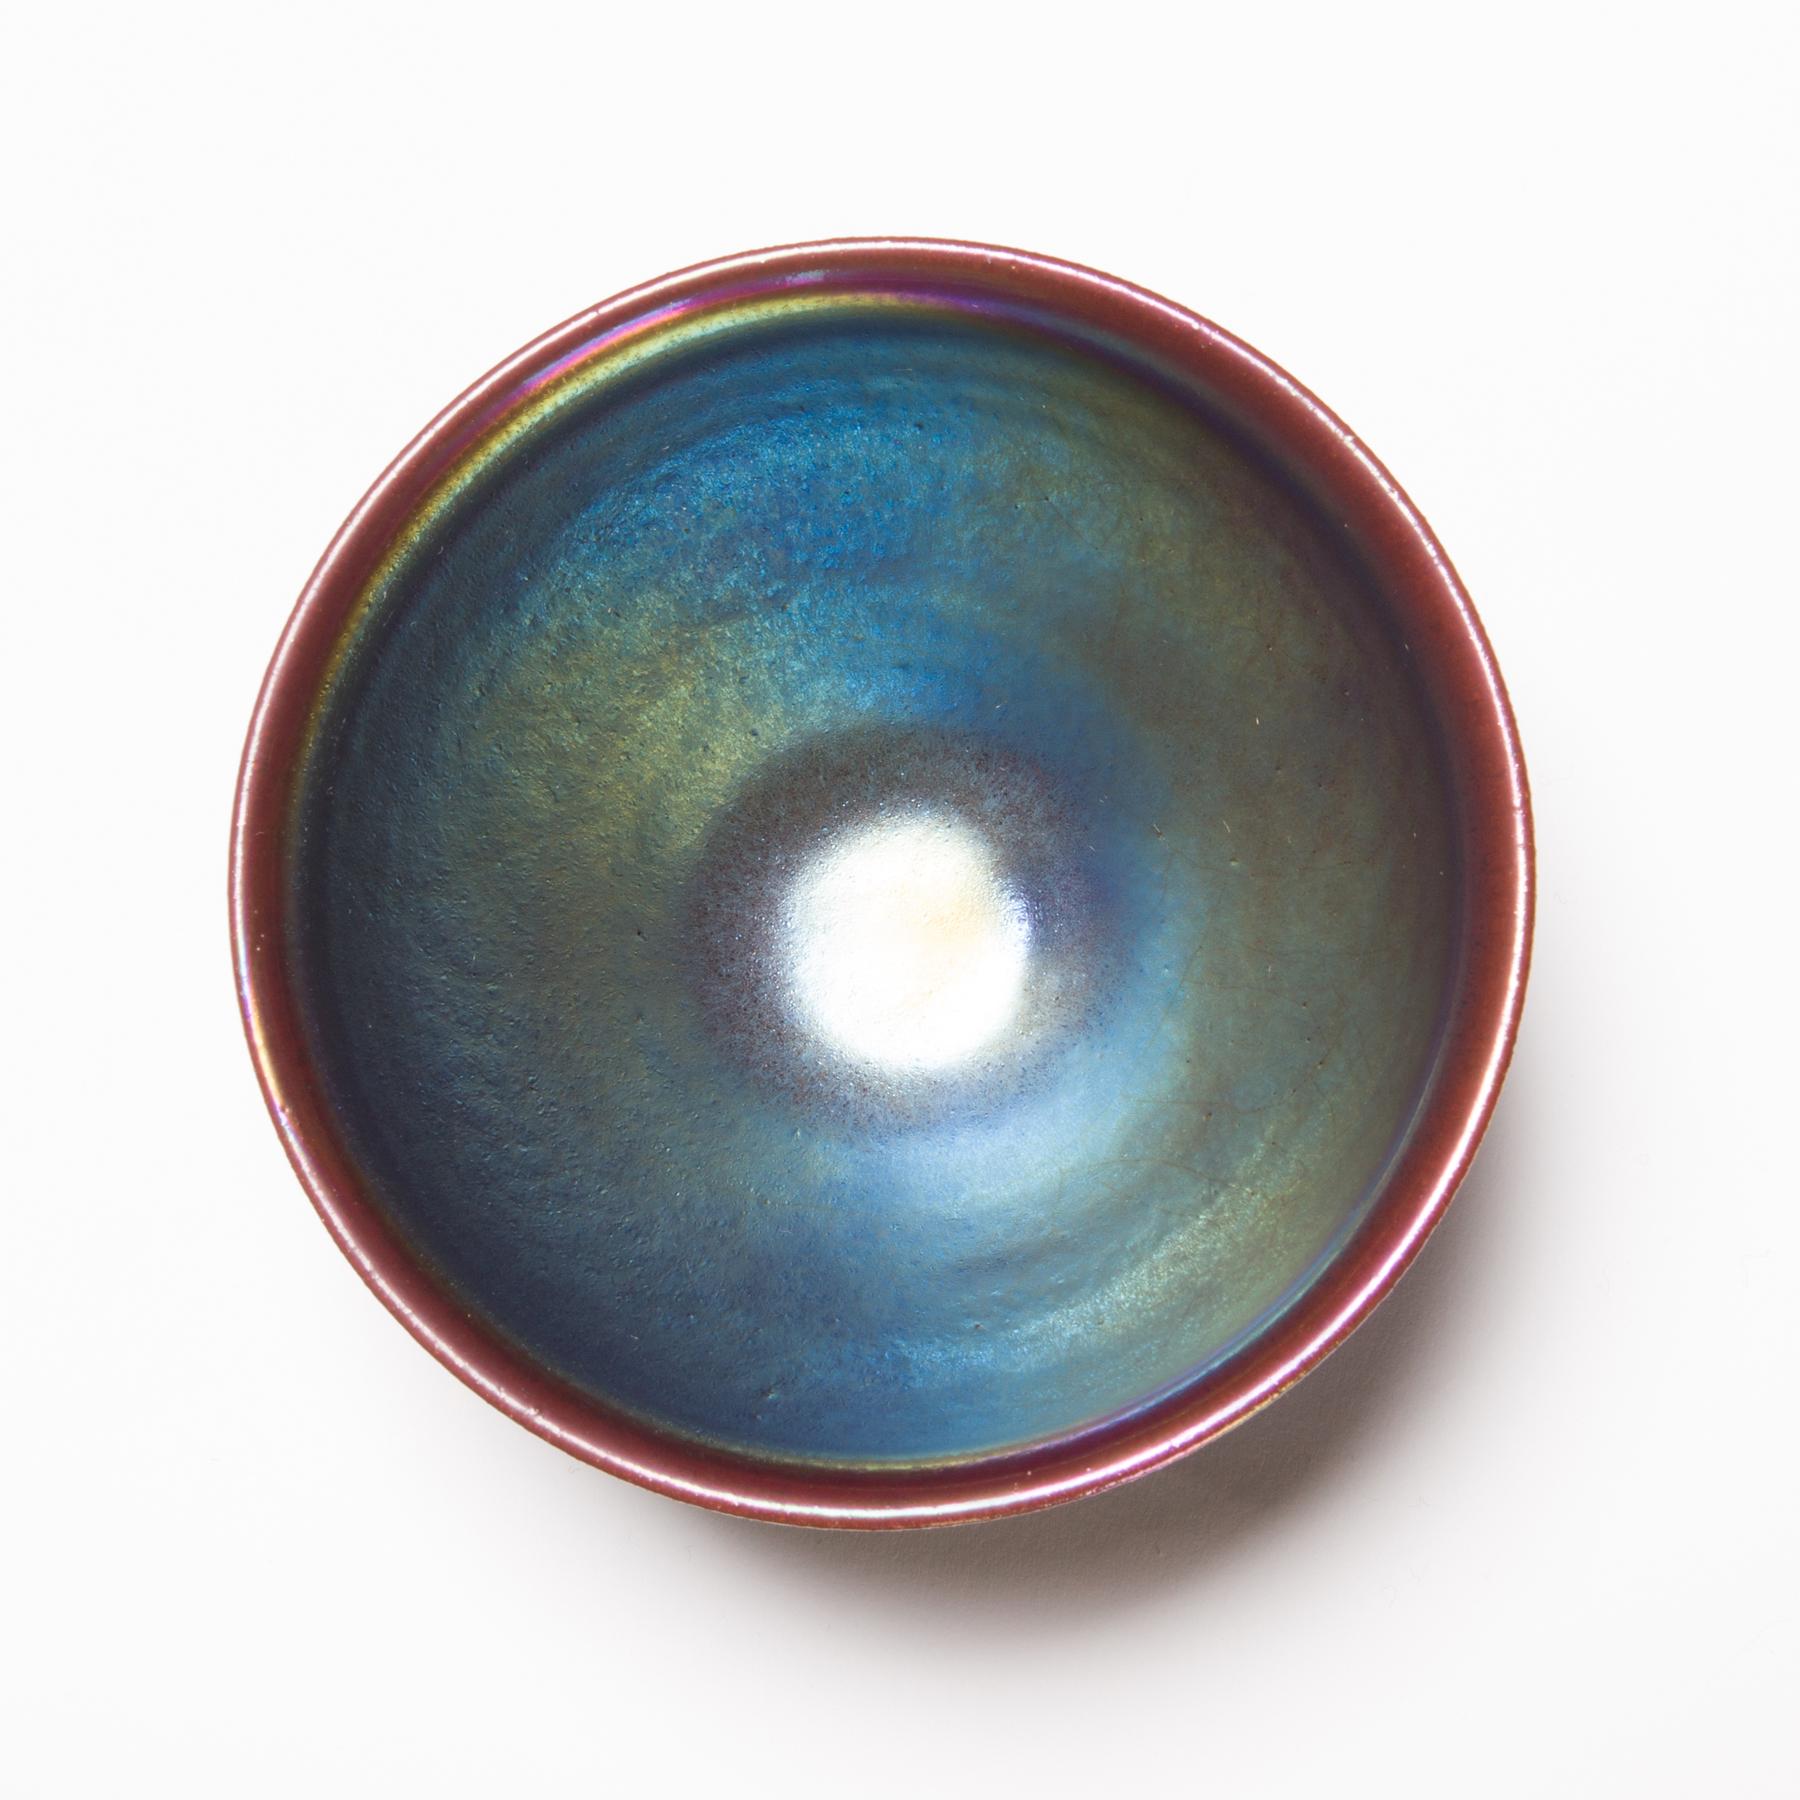 オーロラ天目茶碗<虹の器>画像